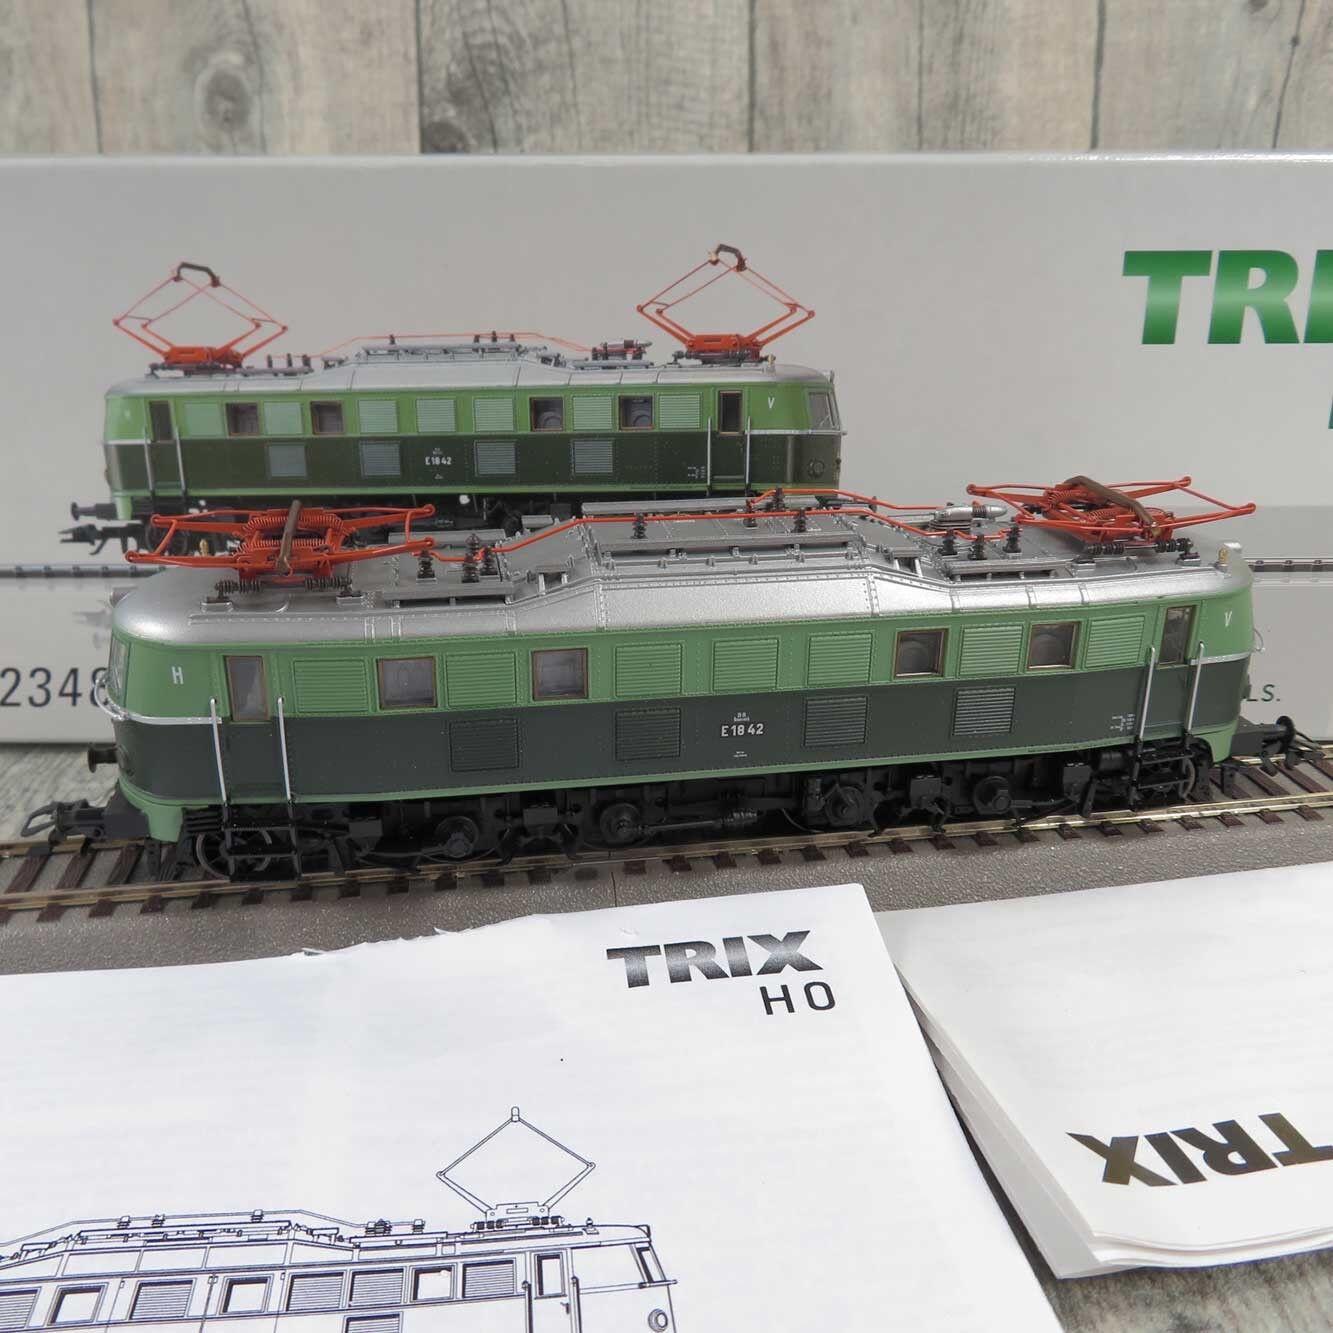 TRIX 22348  HO  ÖBB  Elektrolokomotive E1842 mit DSS  OVP  S280089